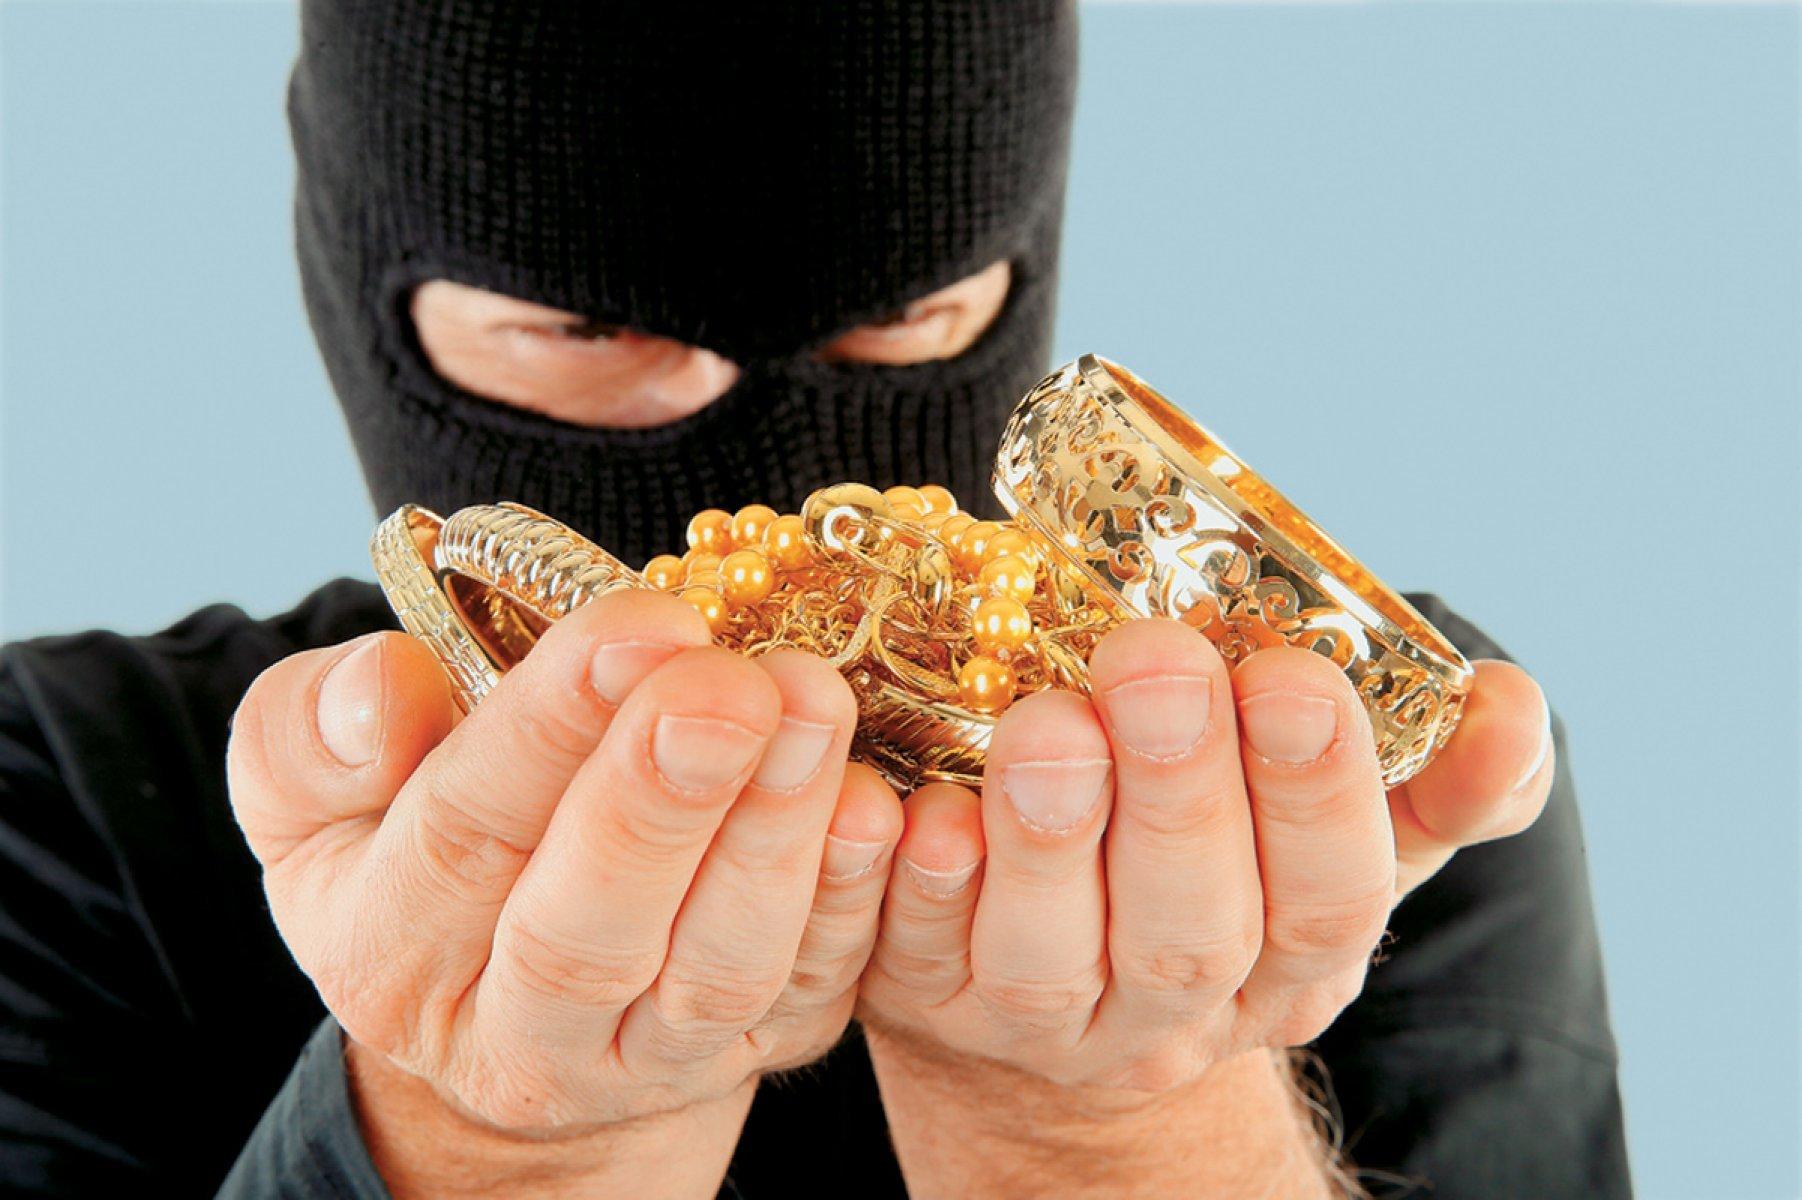 В Твери у мужчины украли ювелирные изделия на крупную сумму